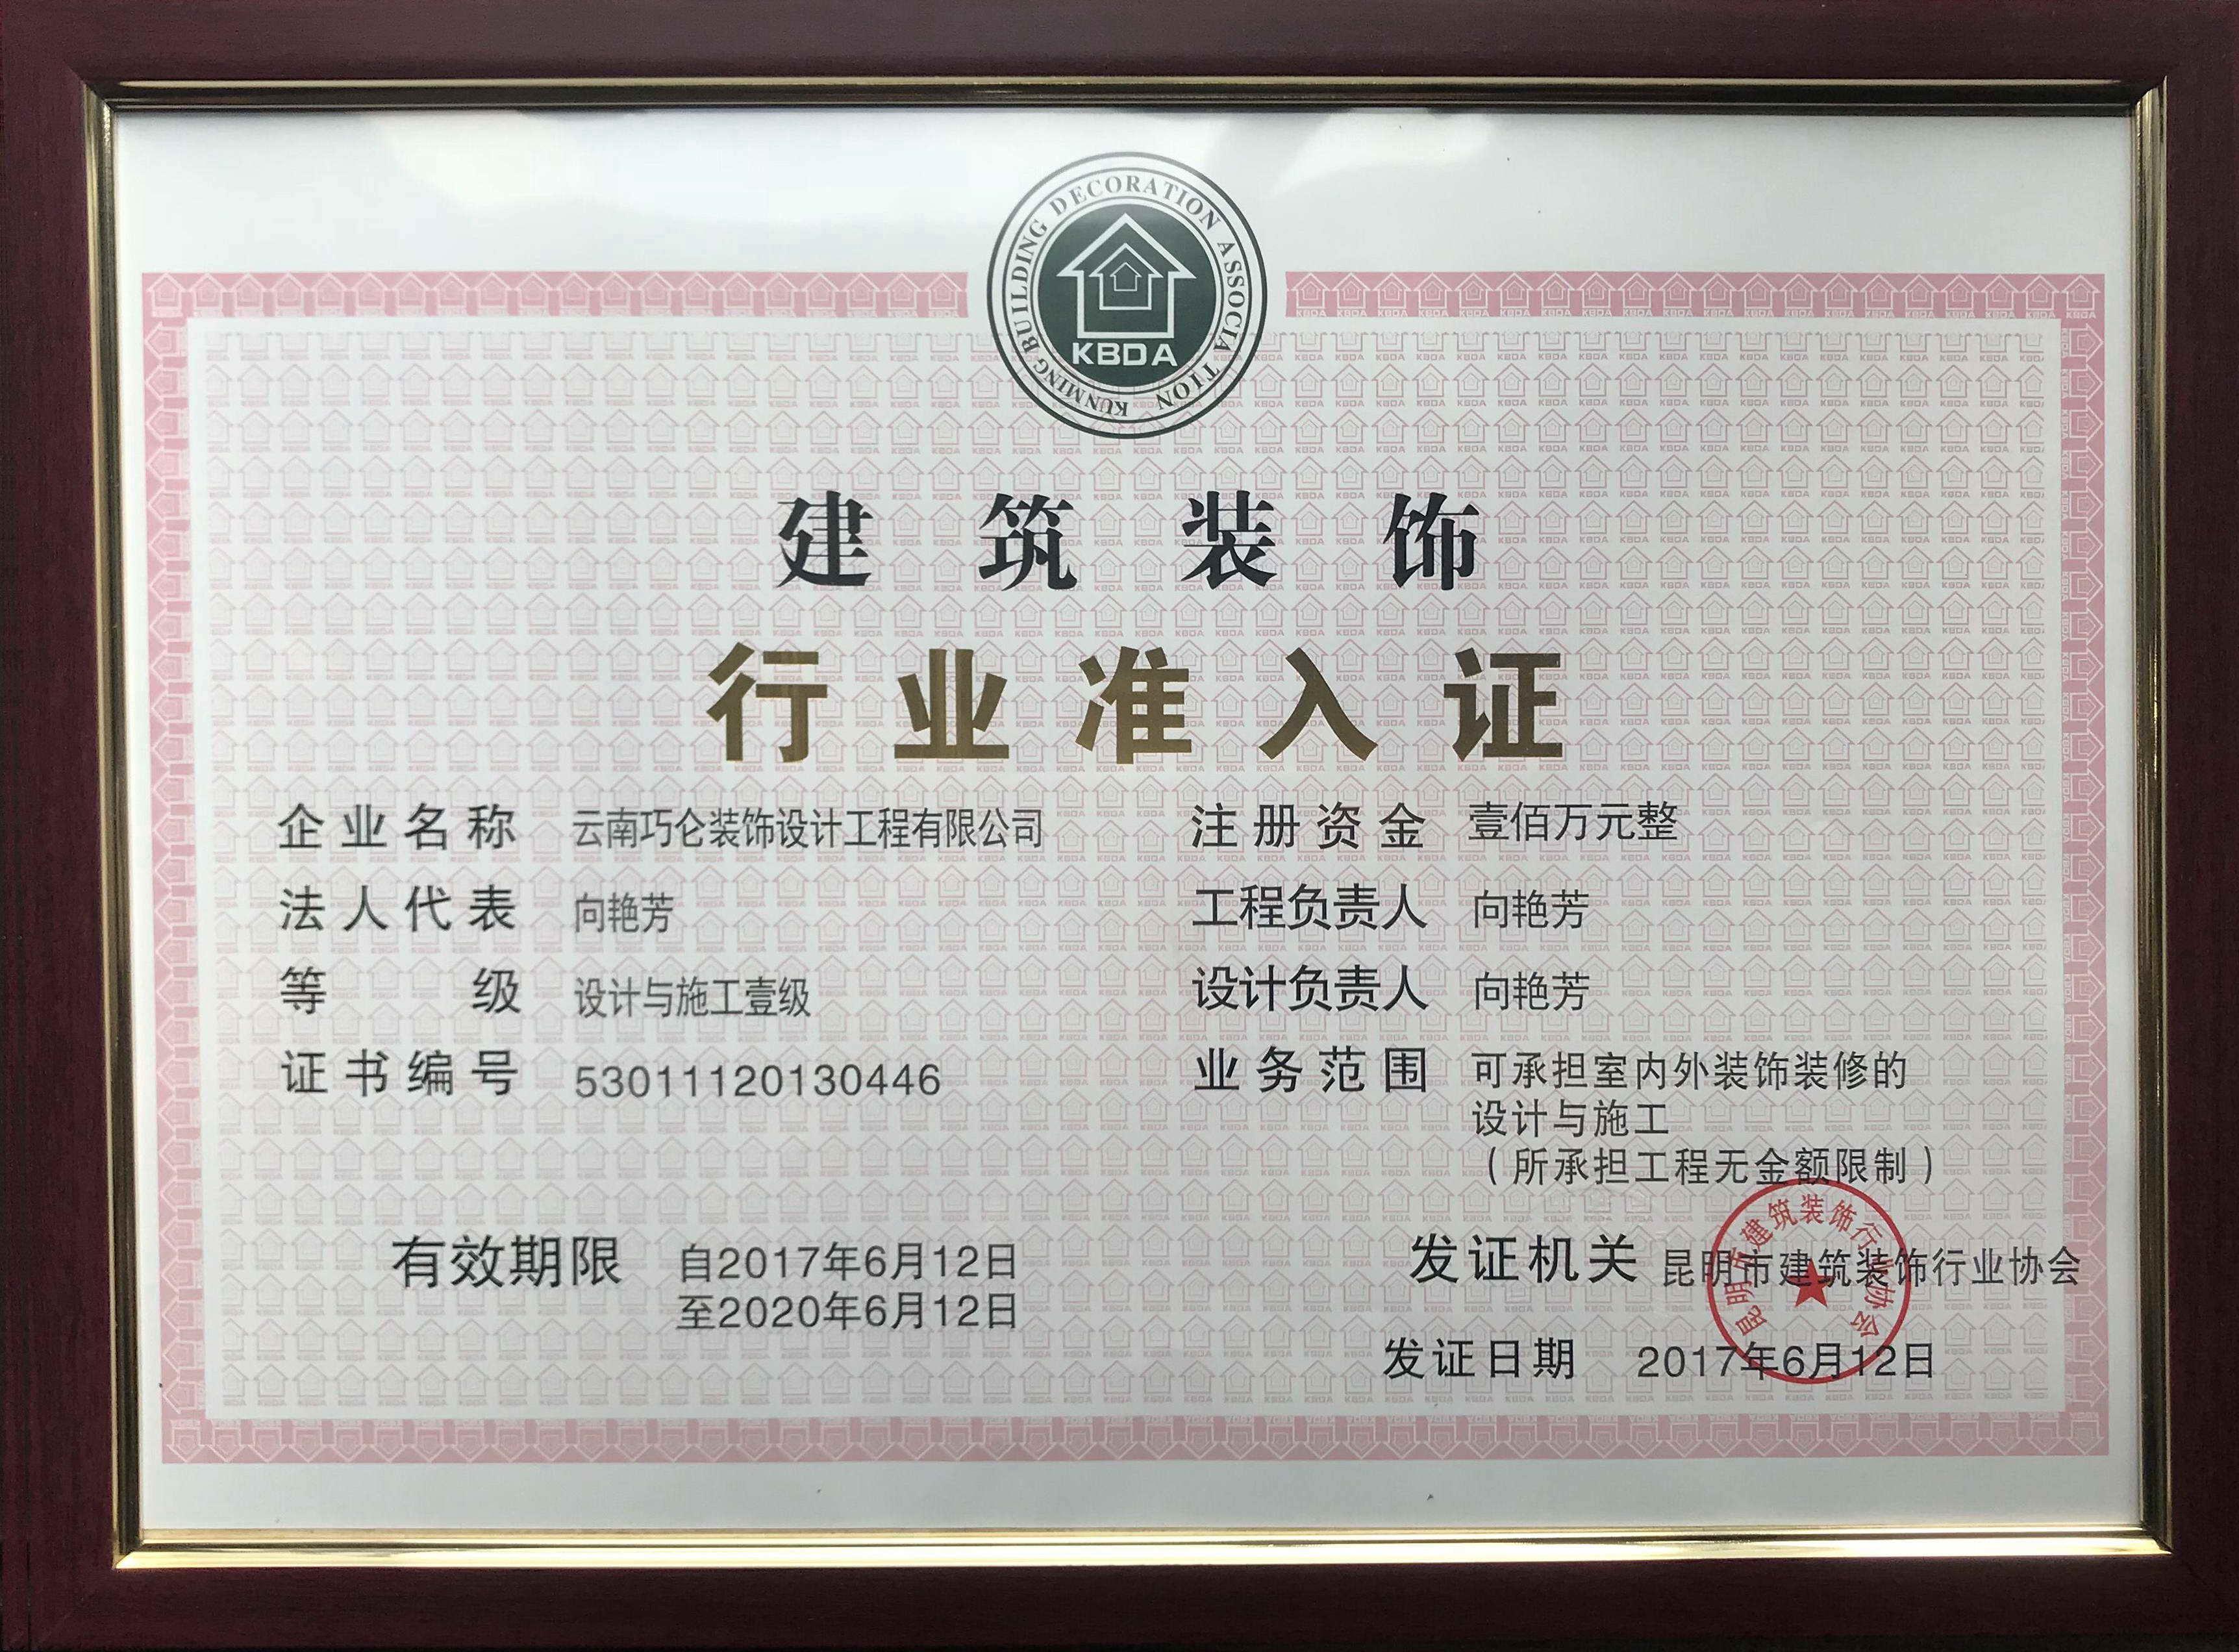 昆明市建筑行业协会行业装入证